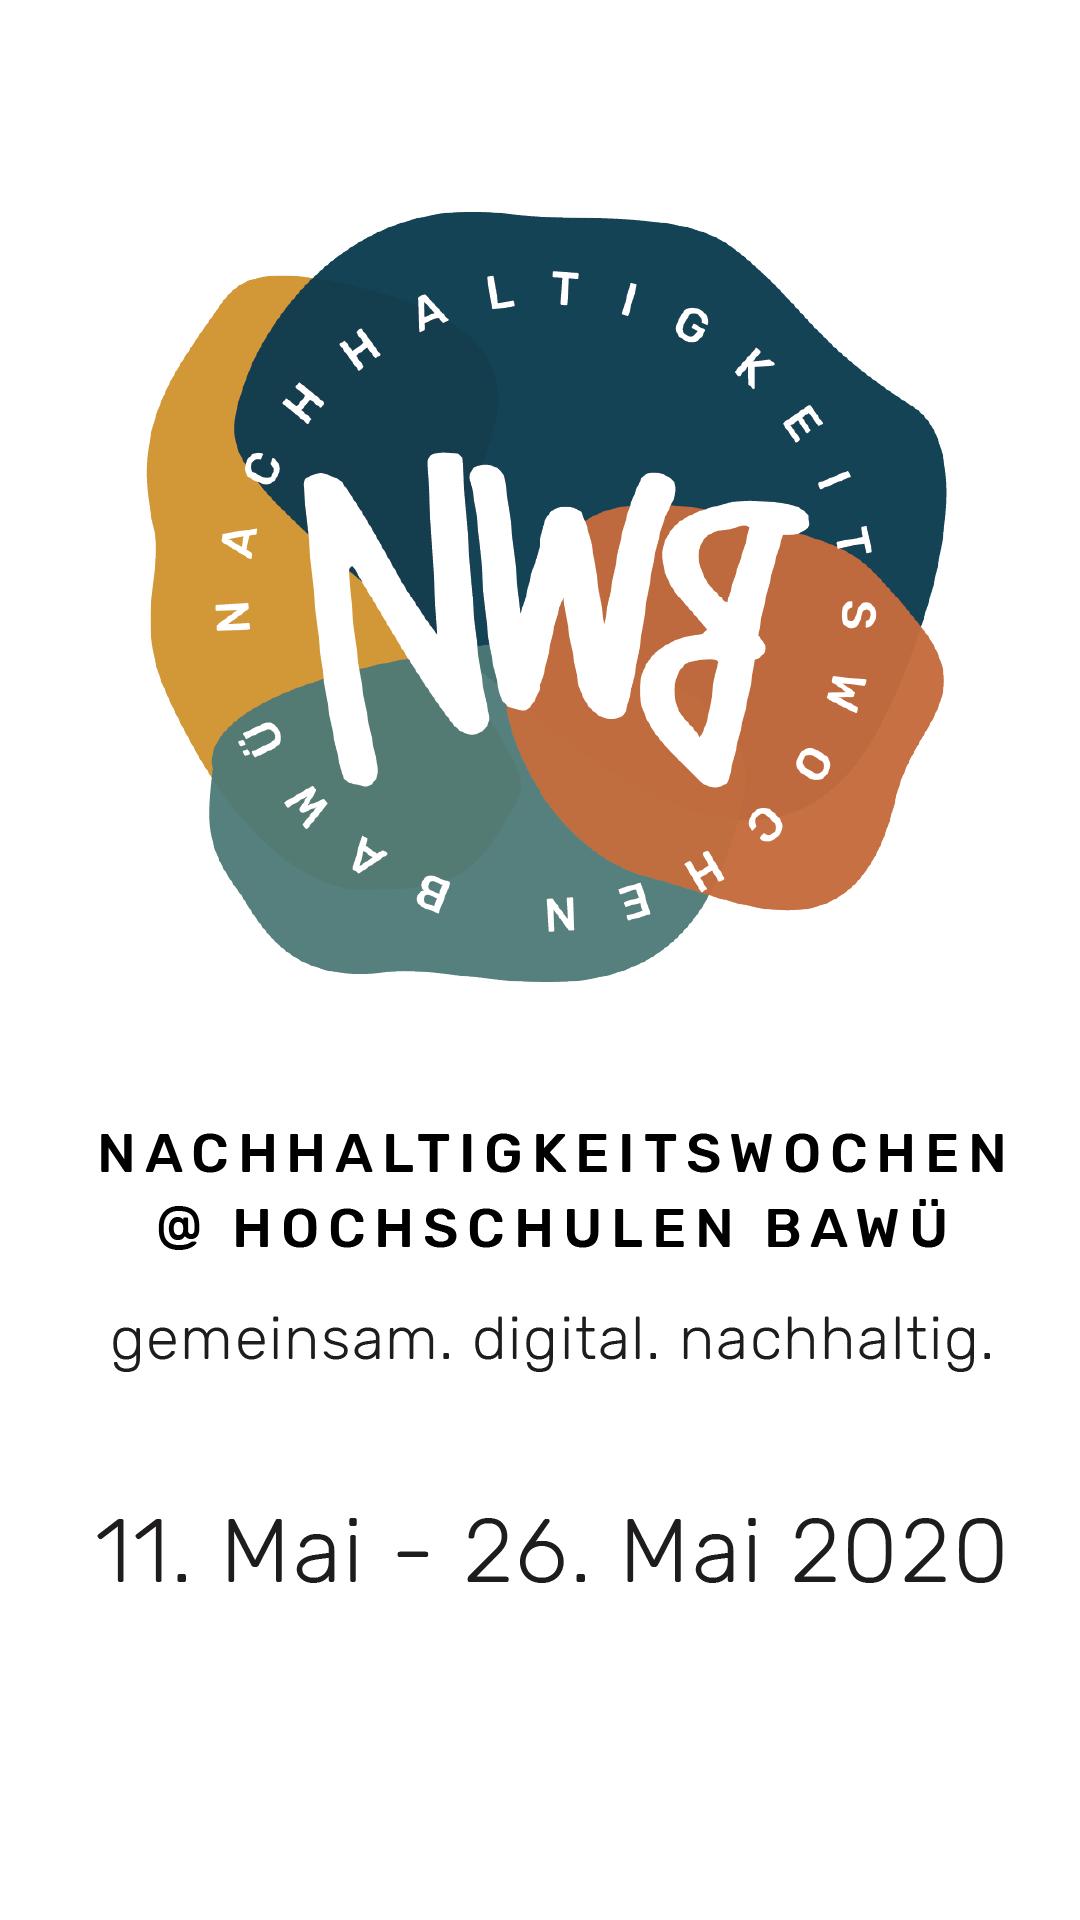 Logo mit Namen, Motto und Datum 1080x1920 px (Instagram Story)